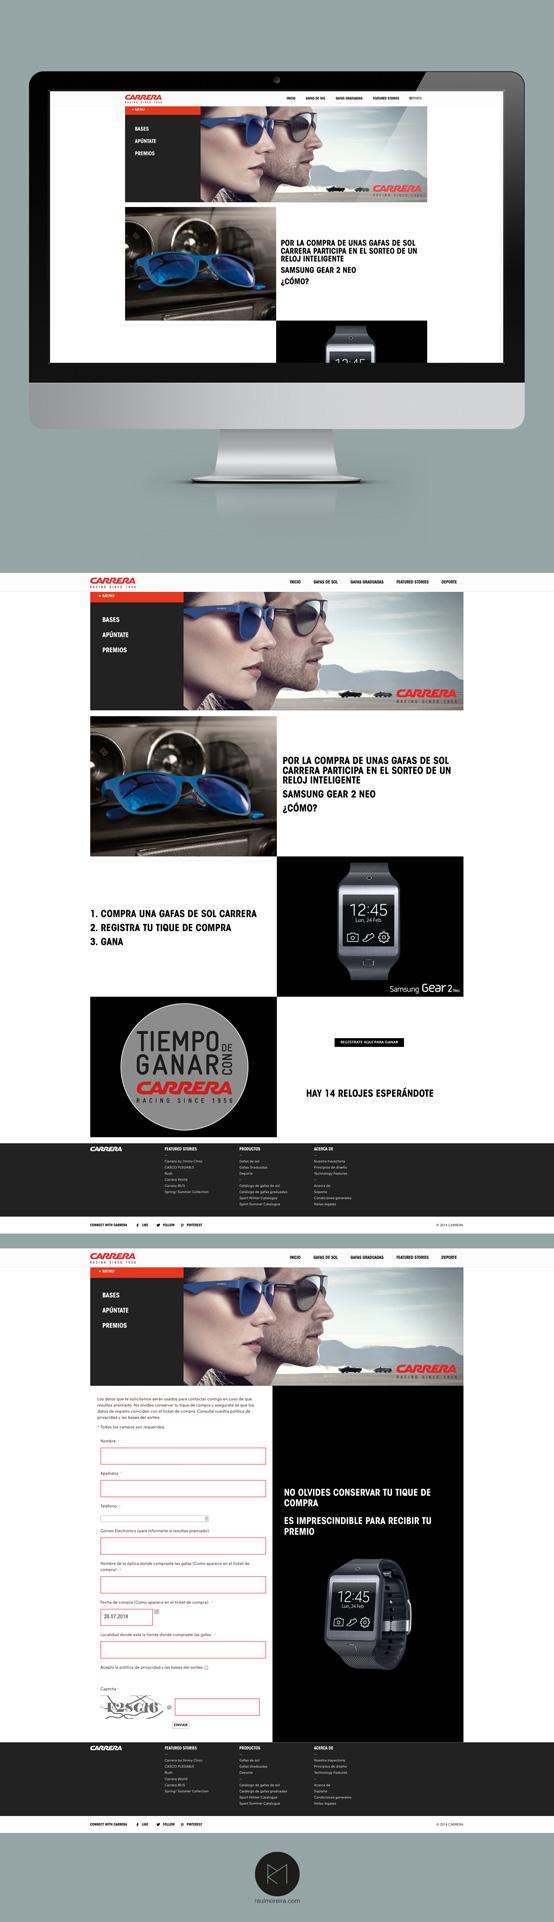 Tiempo de ganar con Carrera, empresa páginas web Madrid